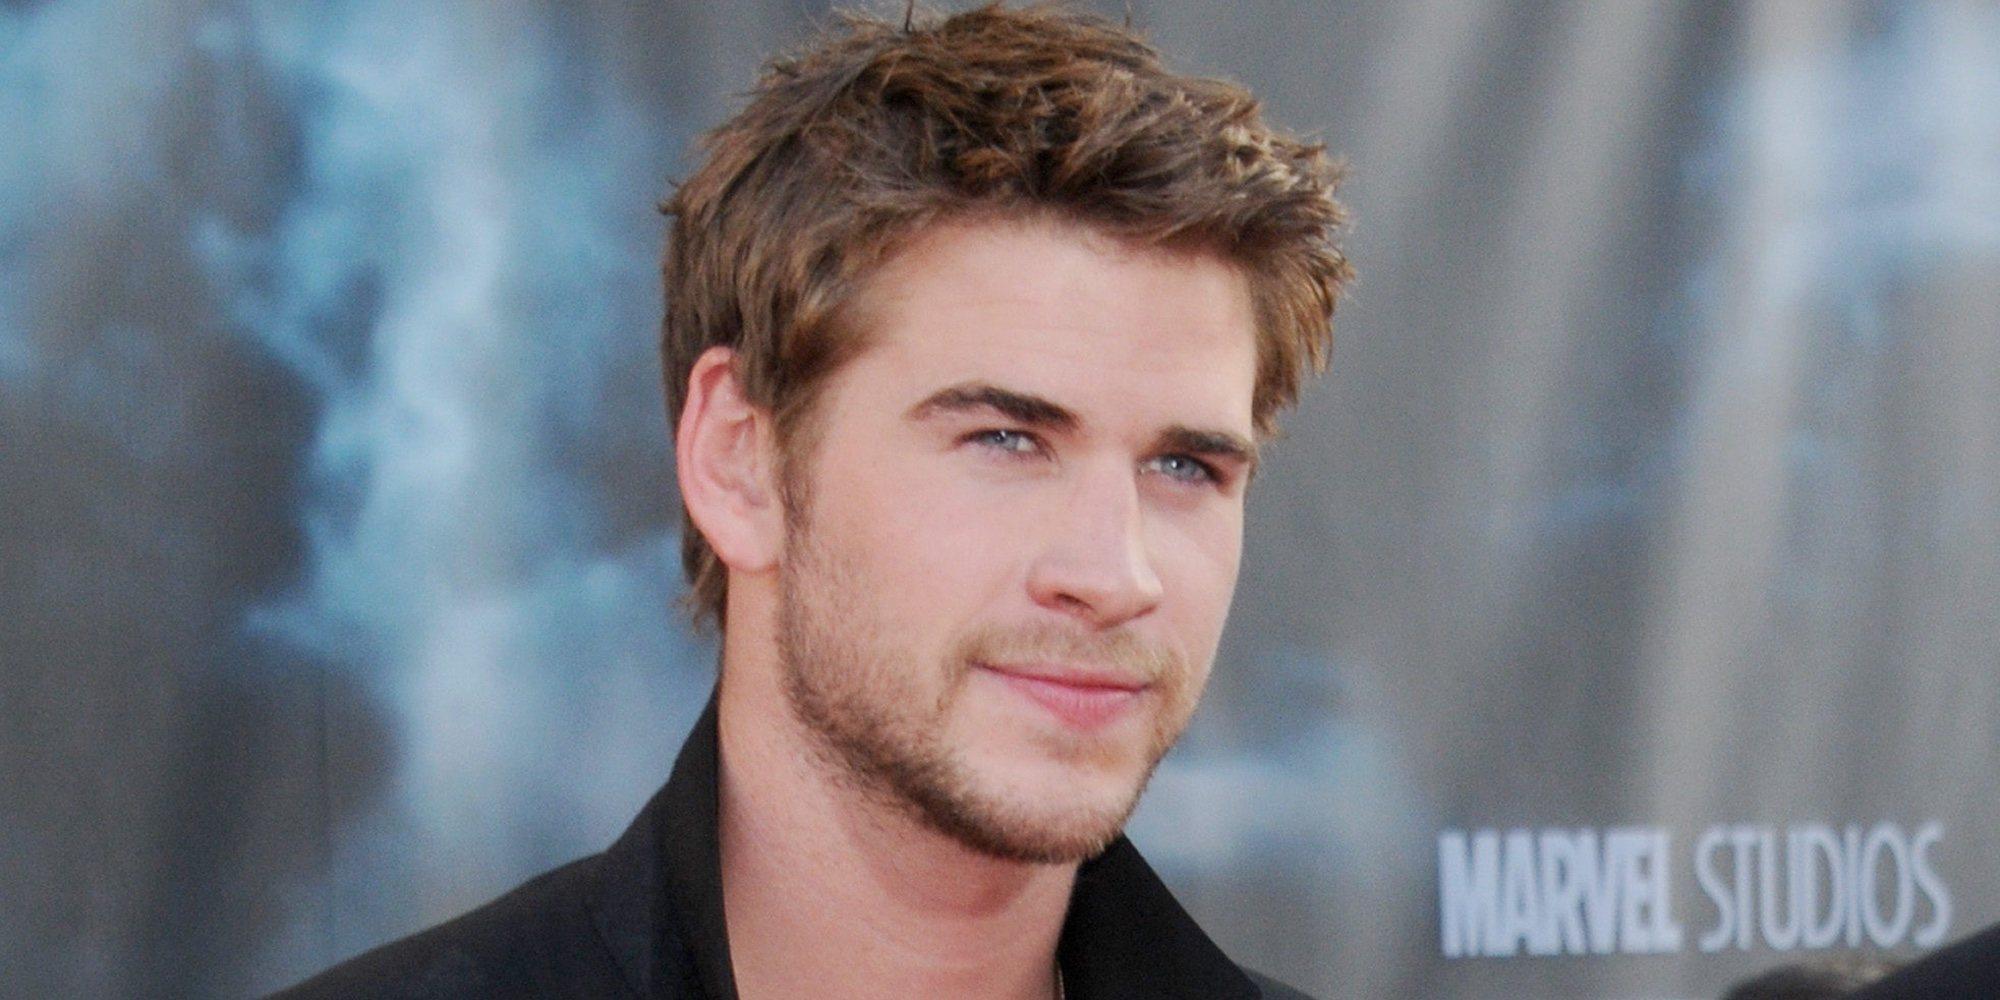 Se confirma la relación de Liam Hemsworth y Gabriella Brooks